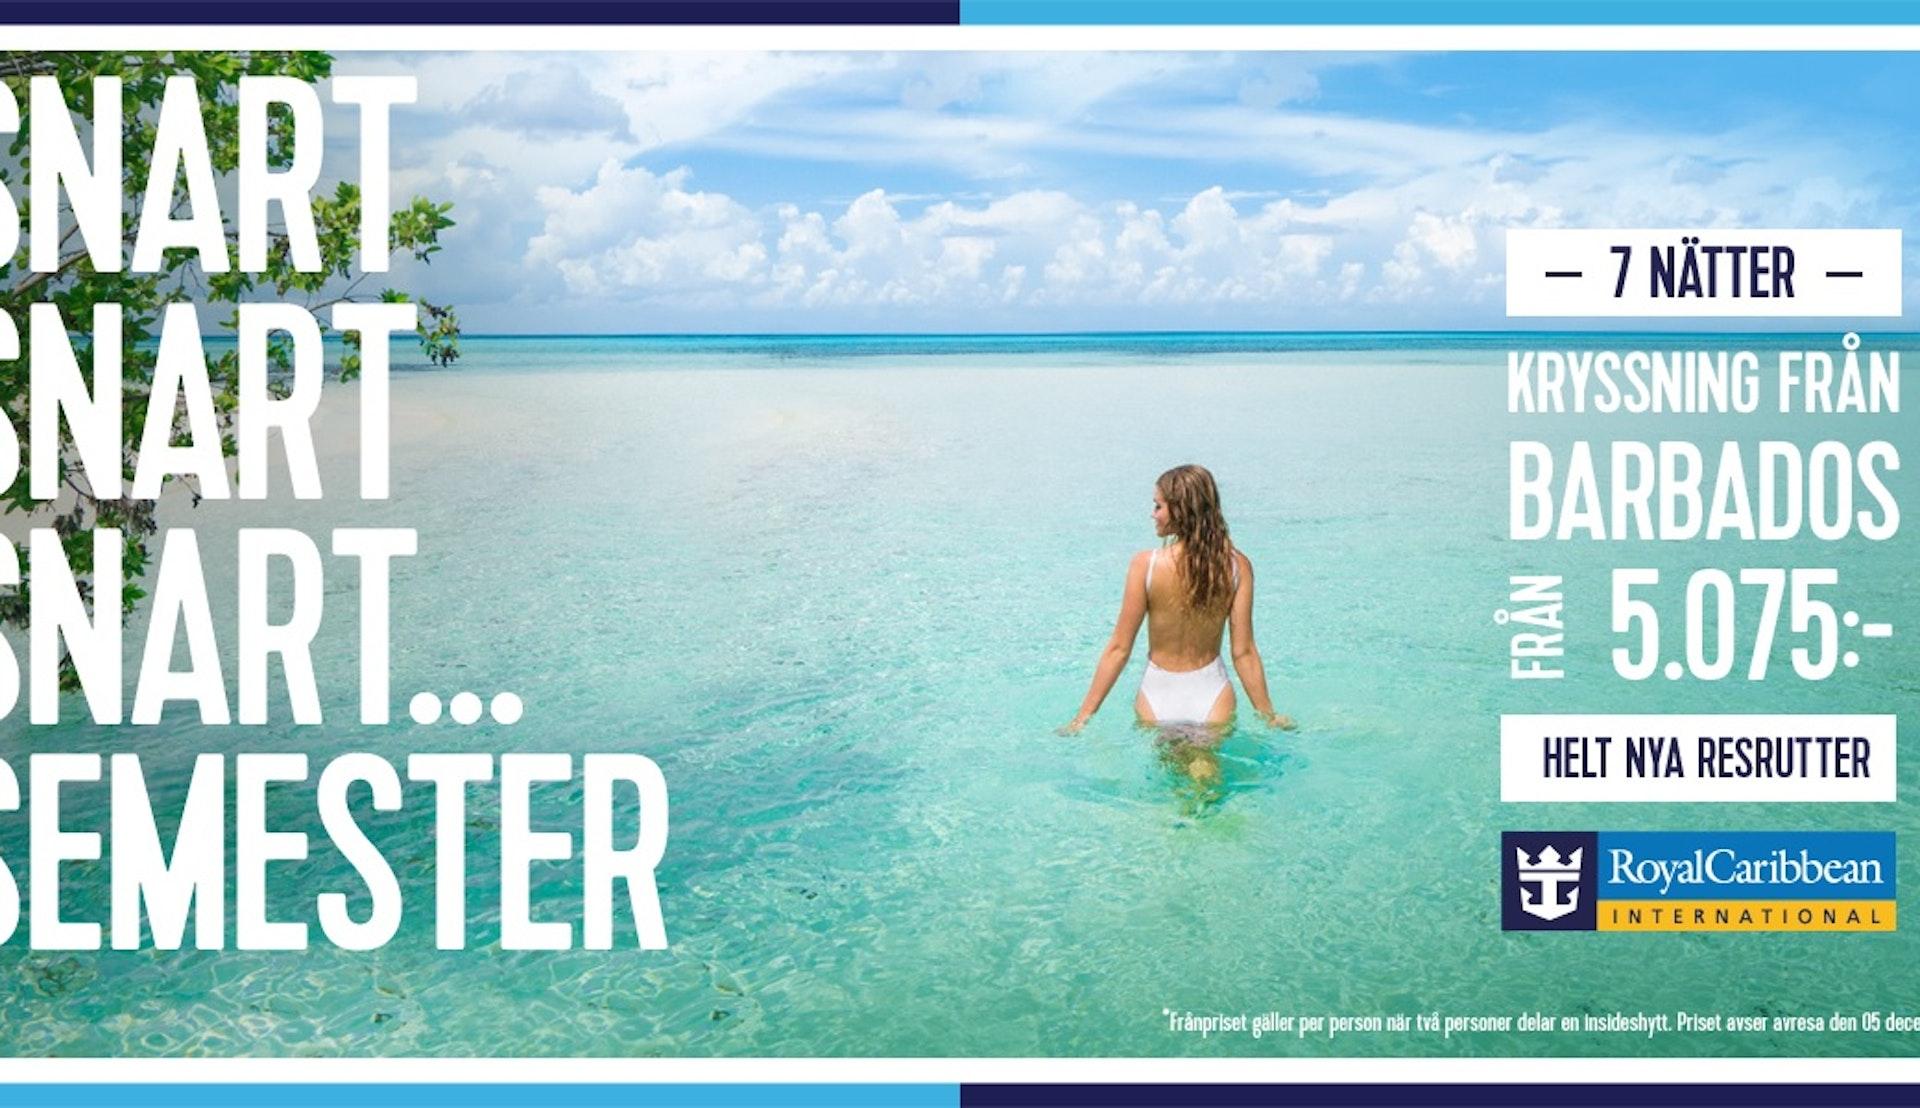 Kryssning från Barbados med Supreme Travel